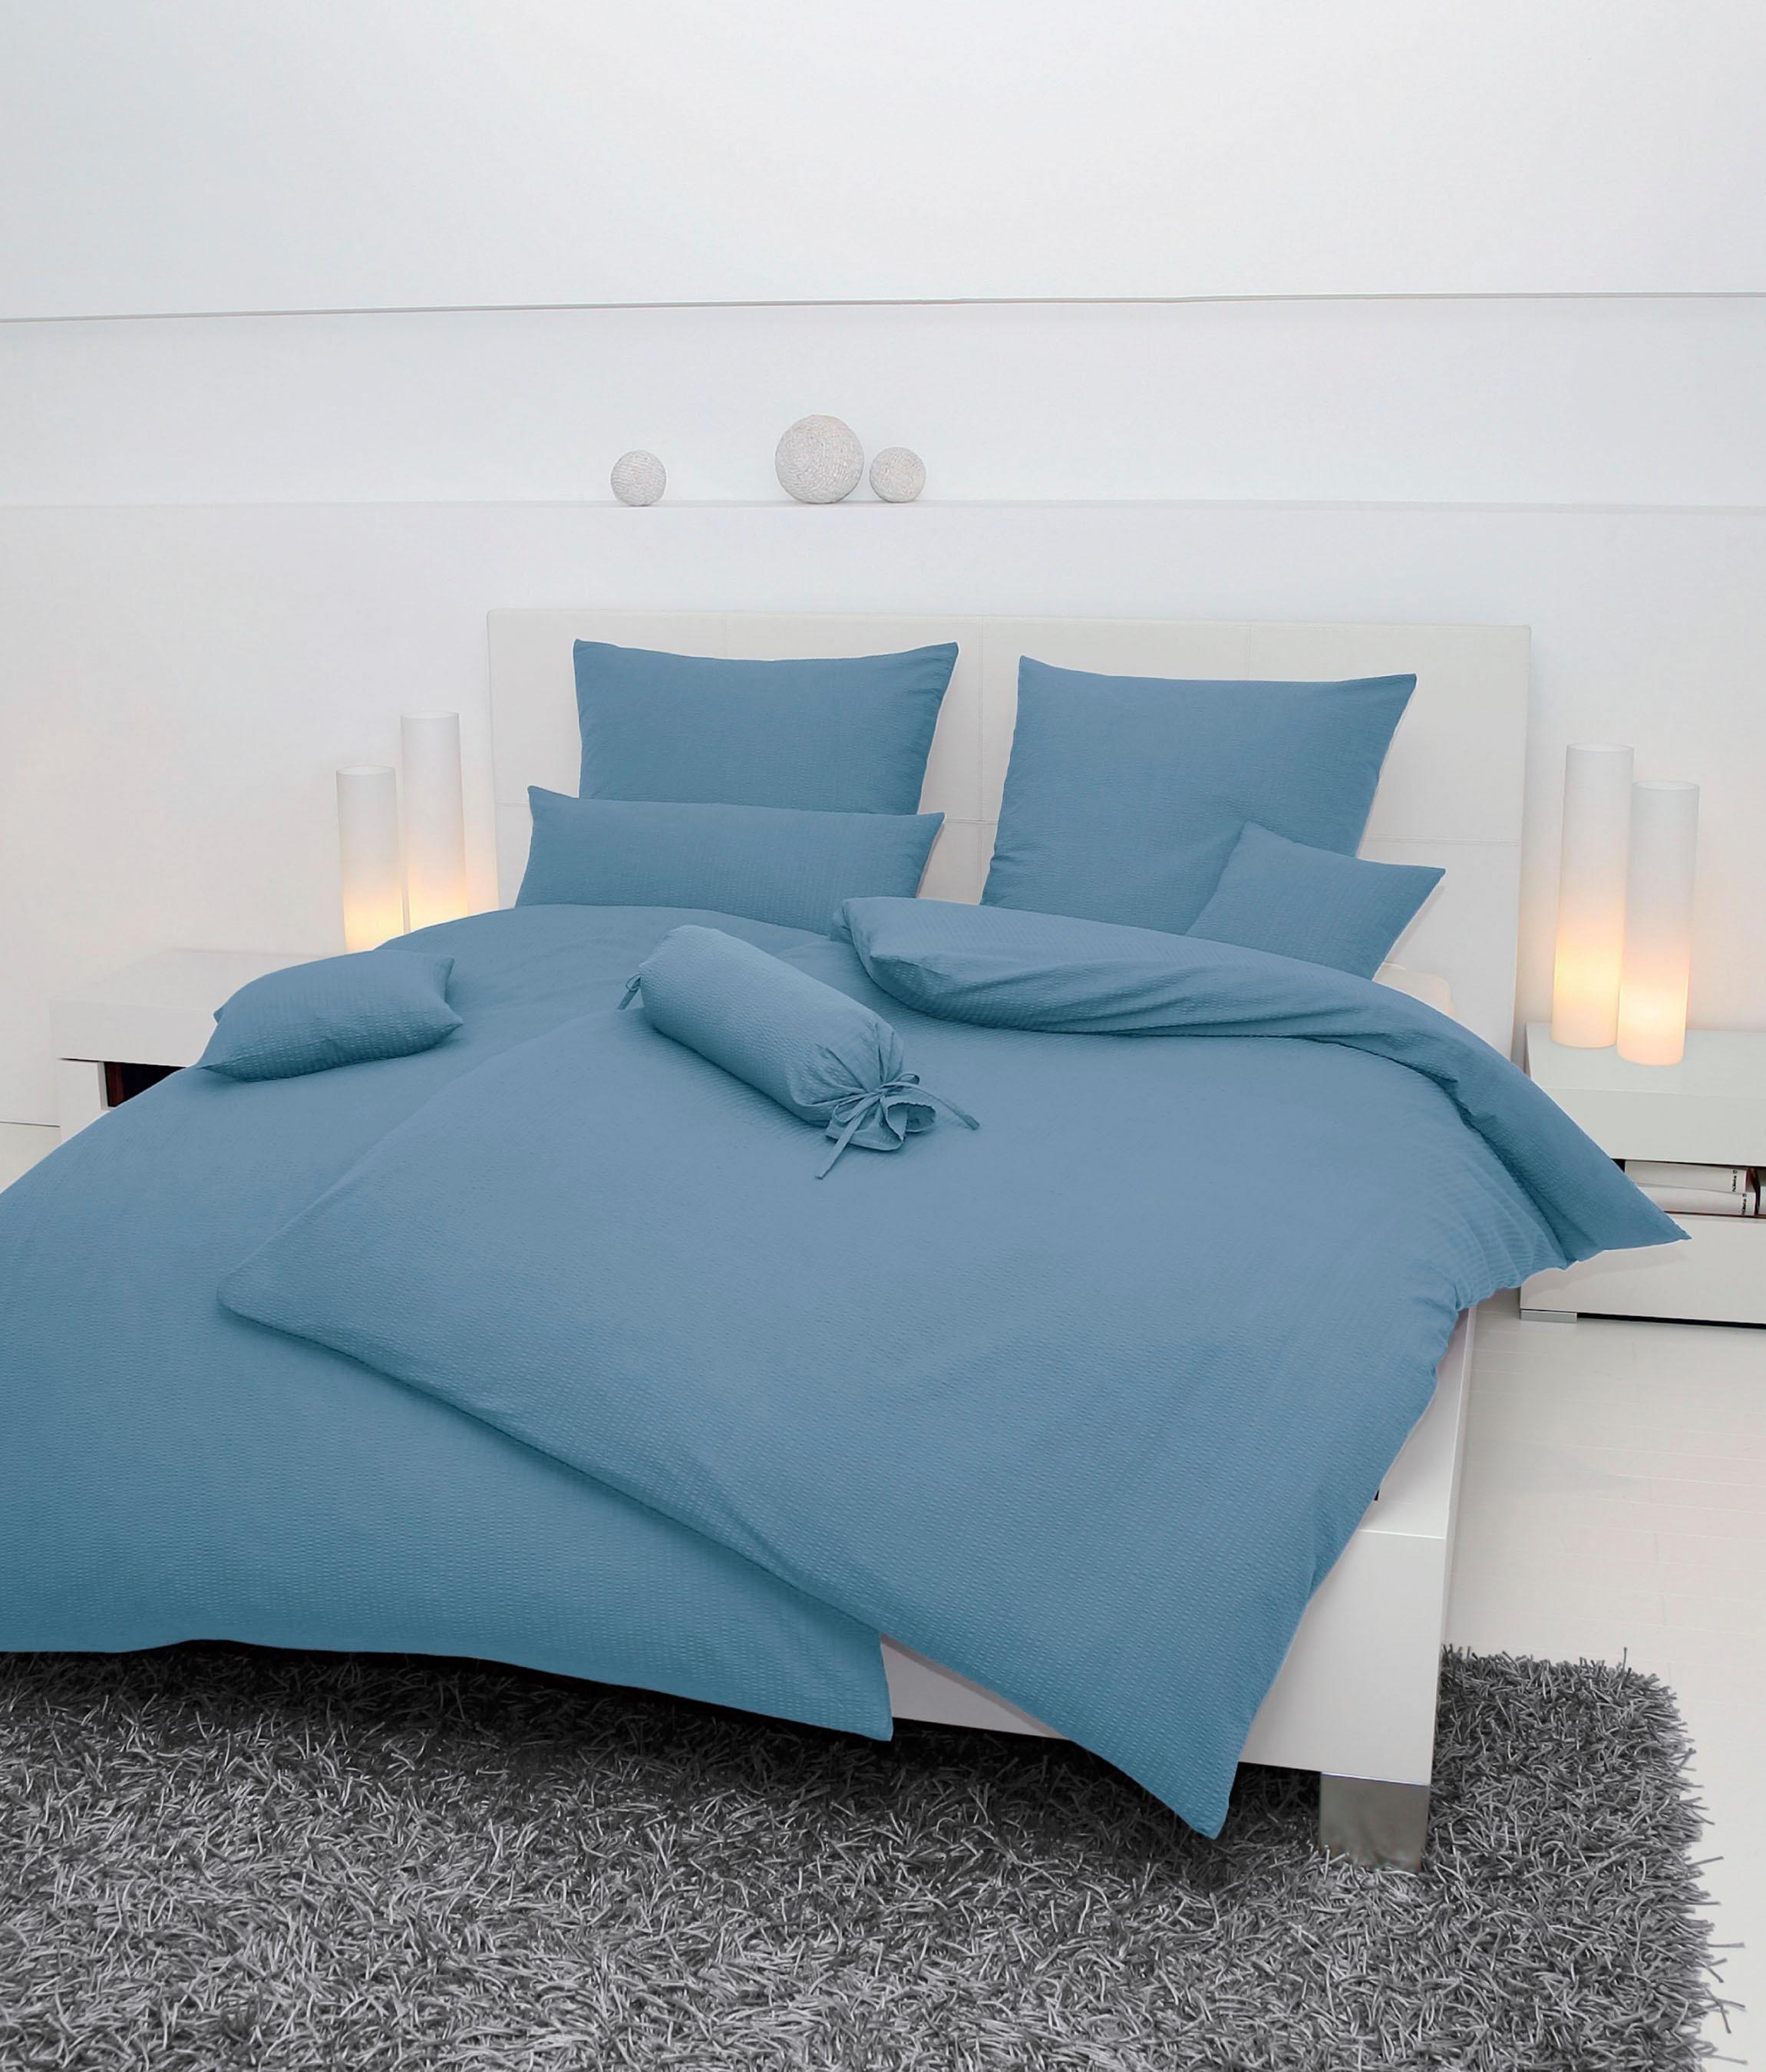 Bettwäsche »Piano«, , einfarbig gehalten